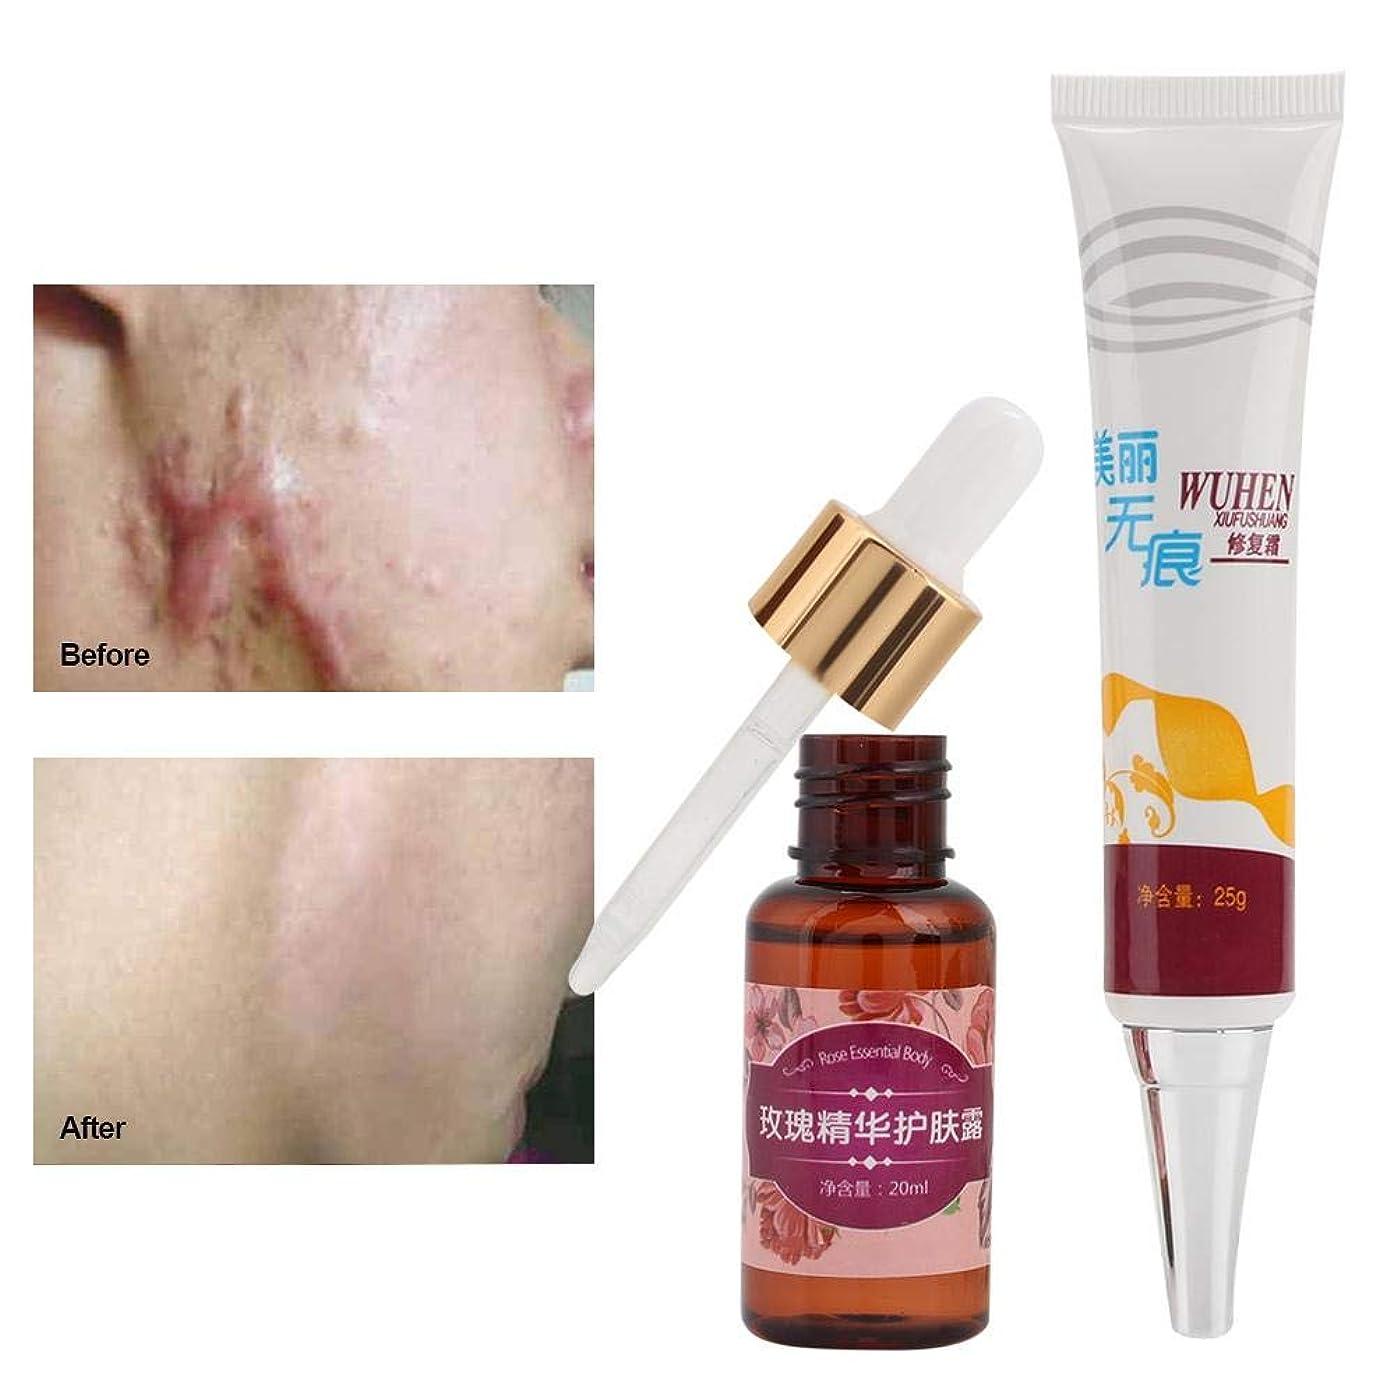 放射する名声慎重に傷跡の除去、傷跡の傷跡の除去クリームと顔と体のための超輝く汚れのない油の傷跡除去